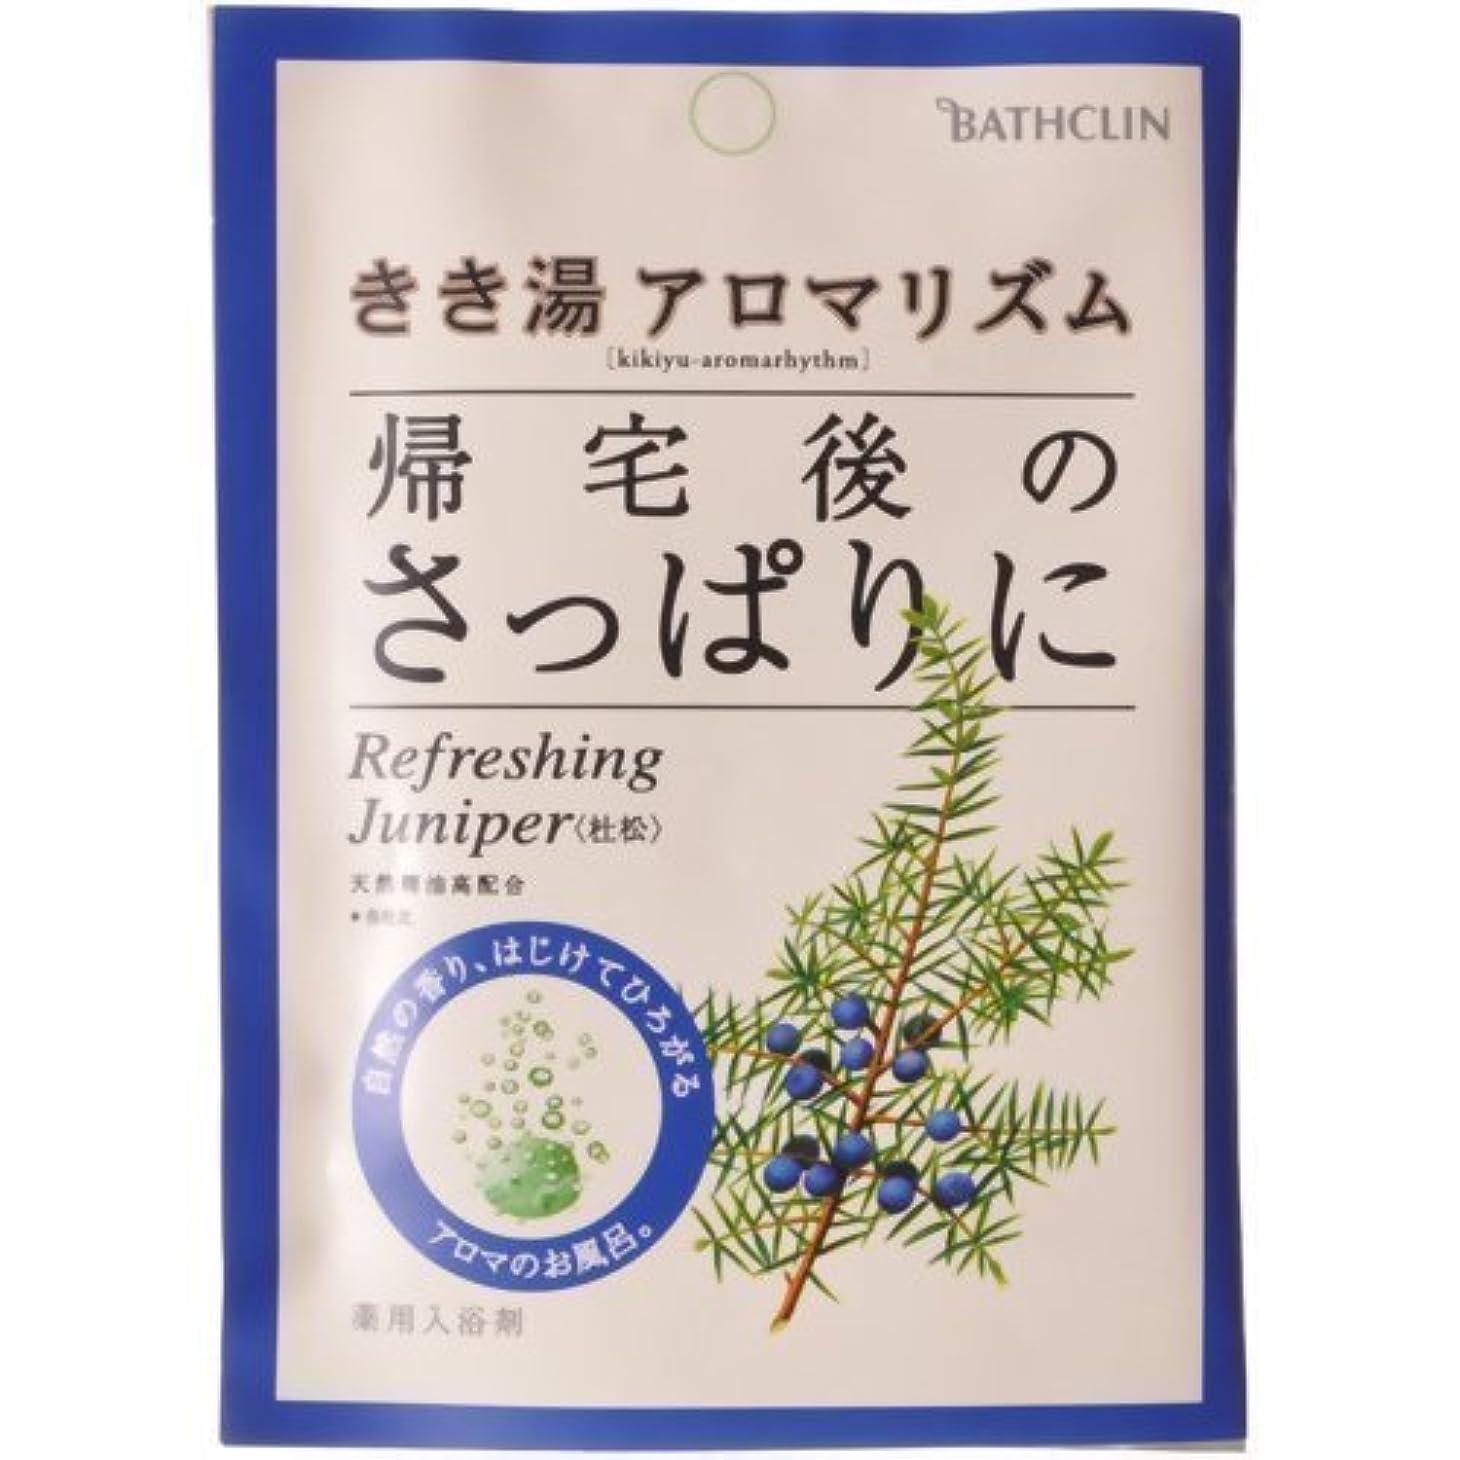 偽物教科書群集きき湯 アロマリズム リフレッシュジュニパーの香り 30g